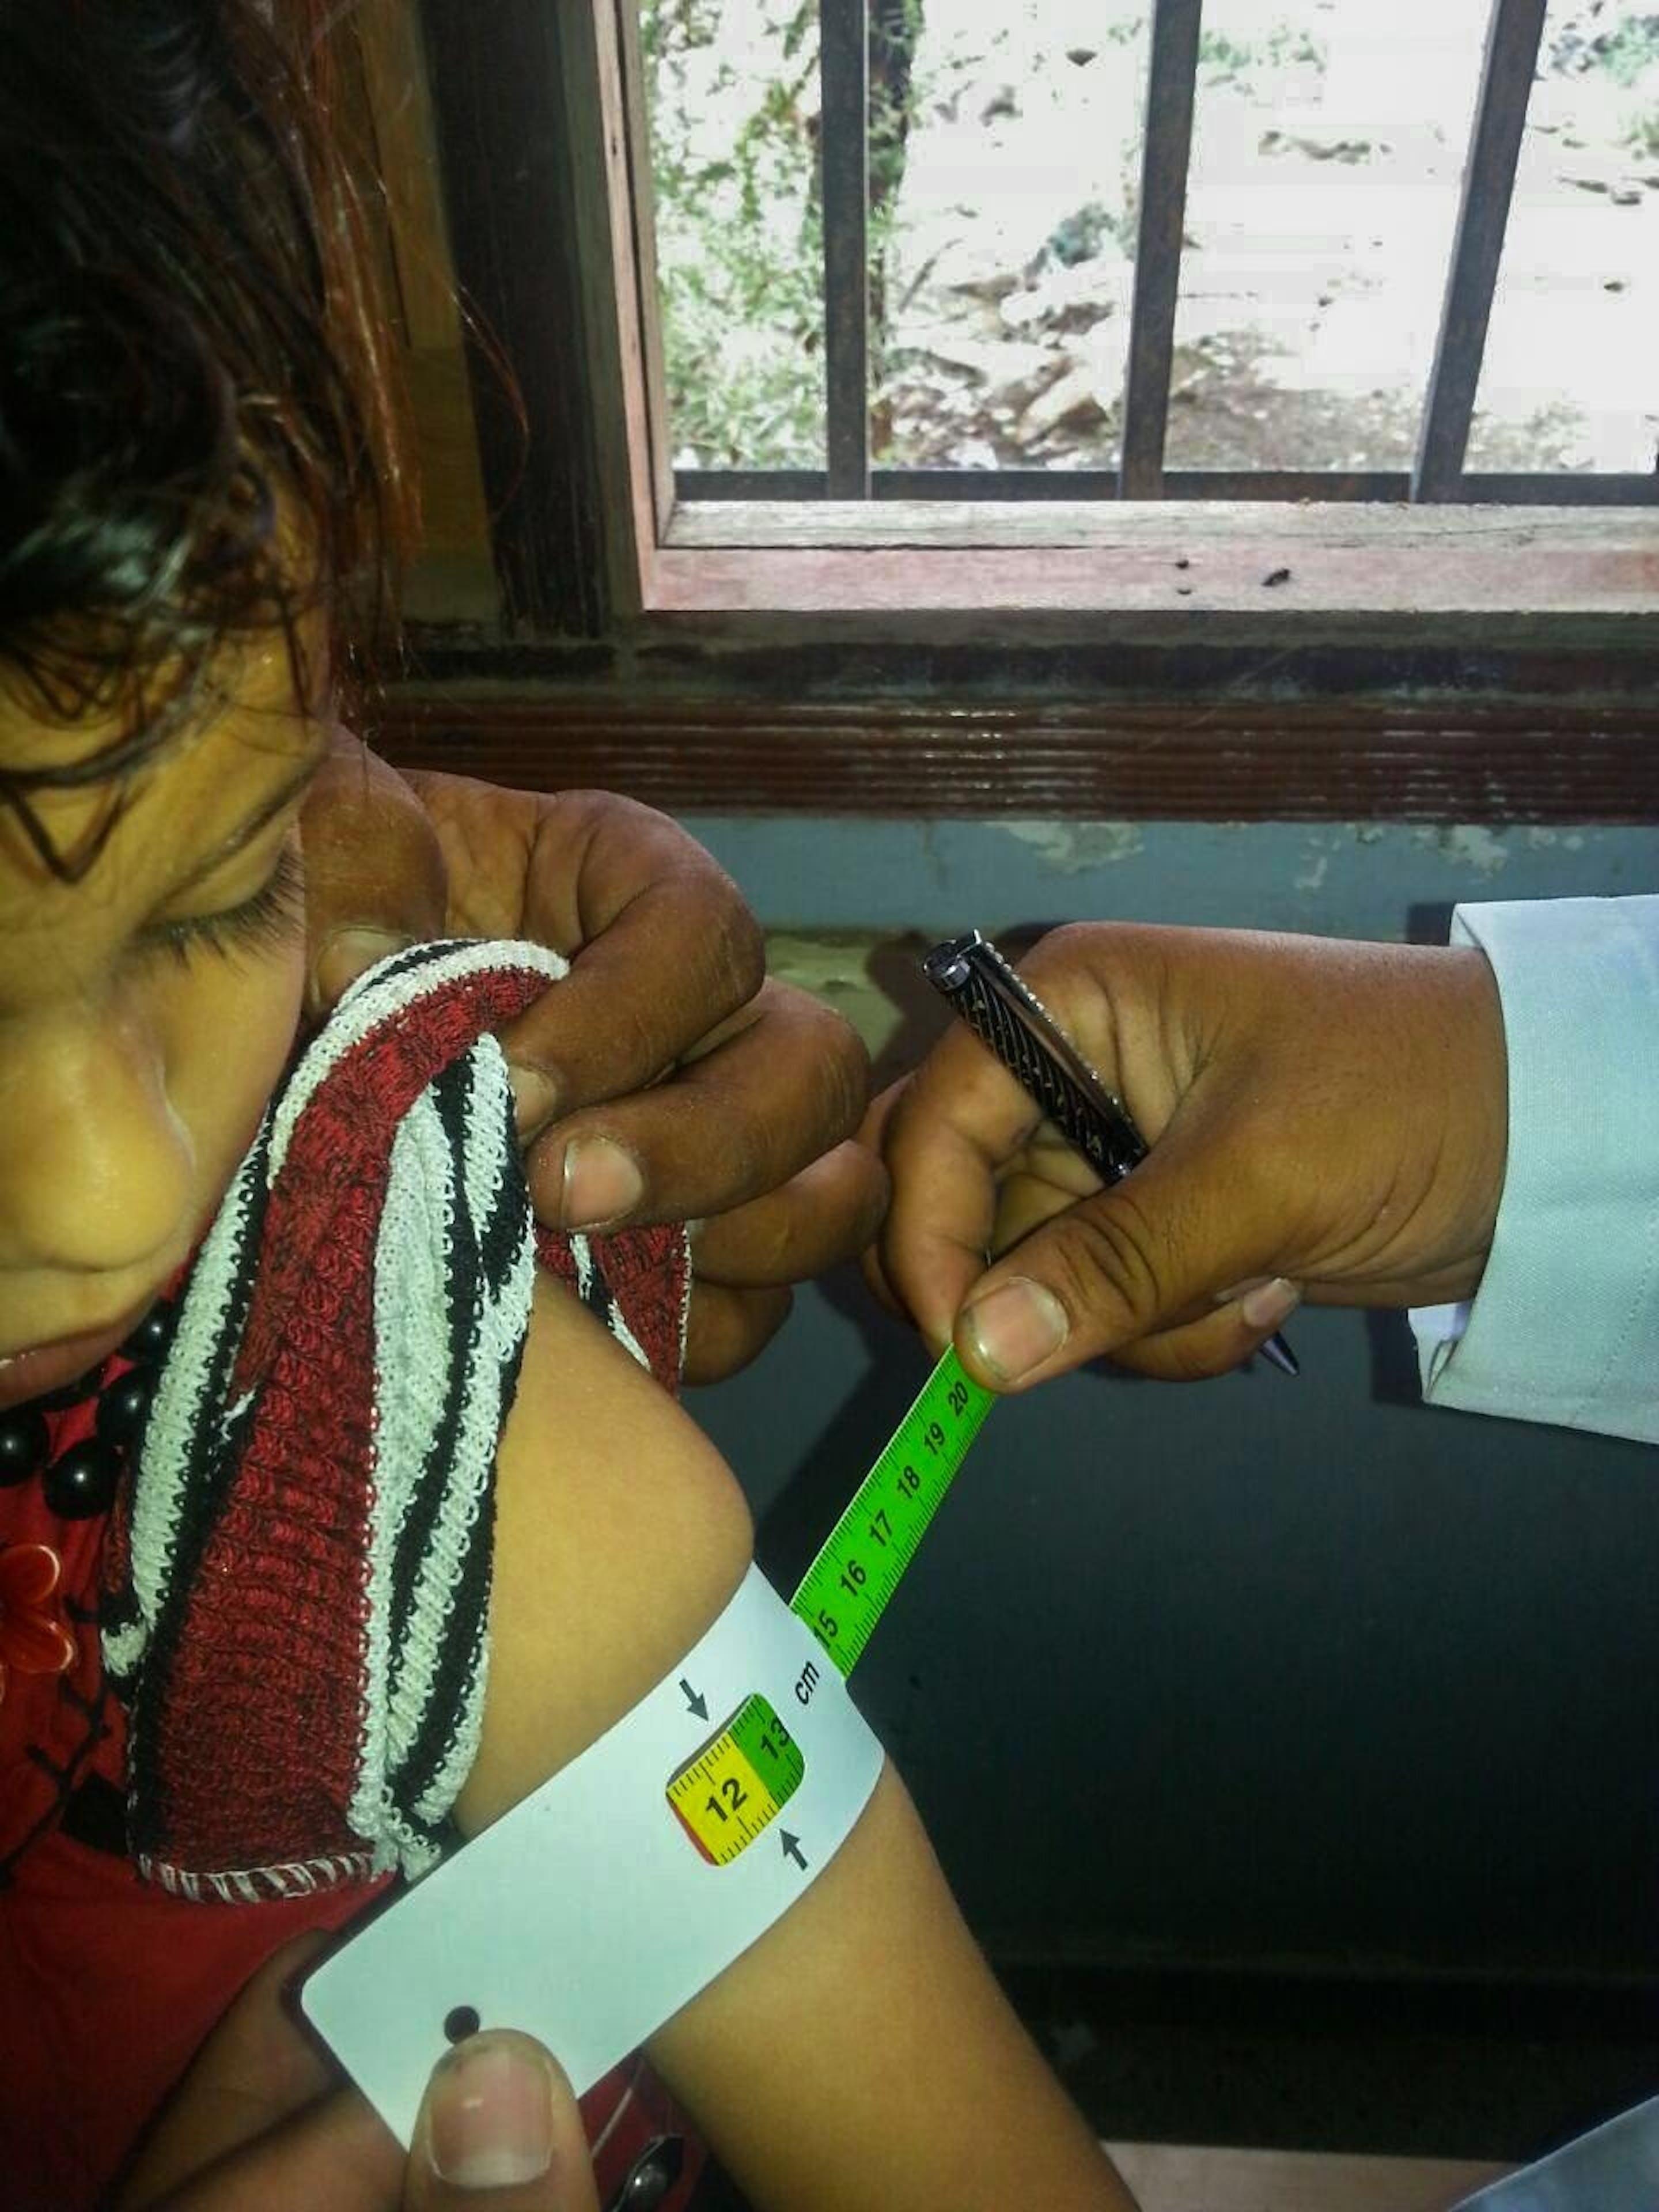 Controllo dello stato di malnutrizione di una bambina da parte dell'operatore di uno dei team sanitari mobili dell'UNICEF nel distretto di Al-Zaher (Yemen) - ©UNICEF/UNI187341/Alawi